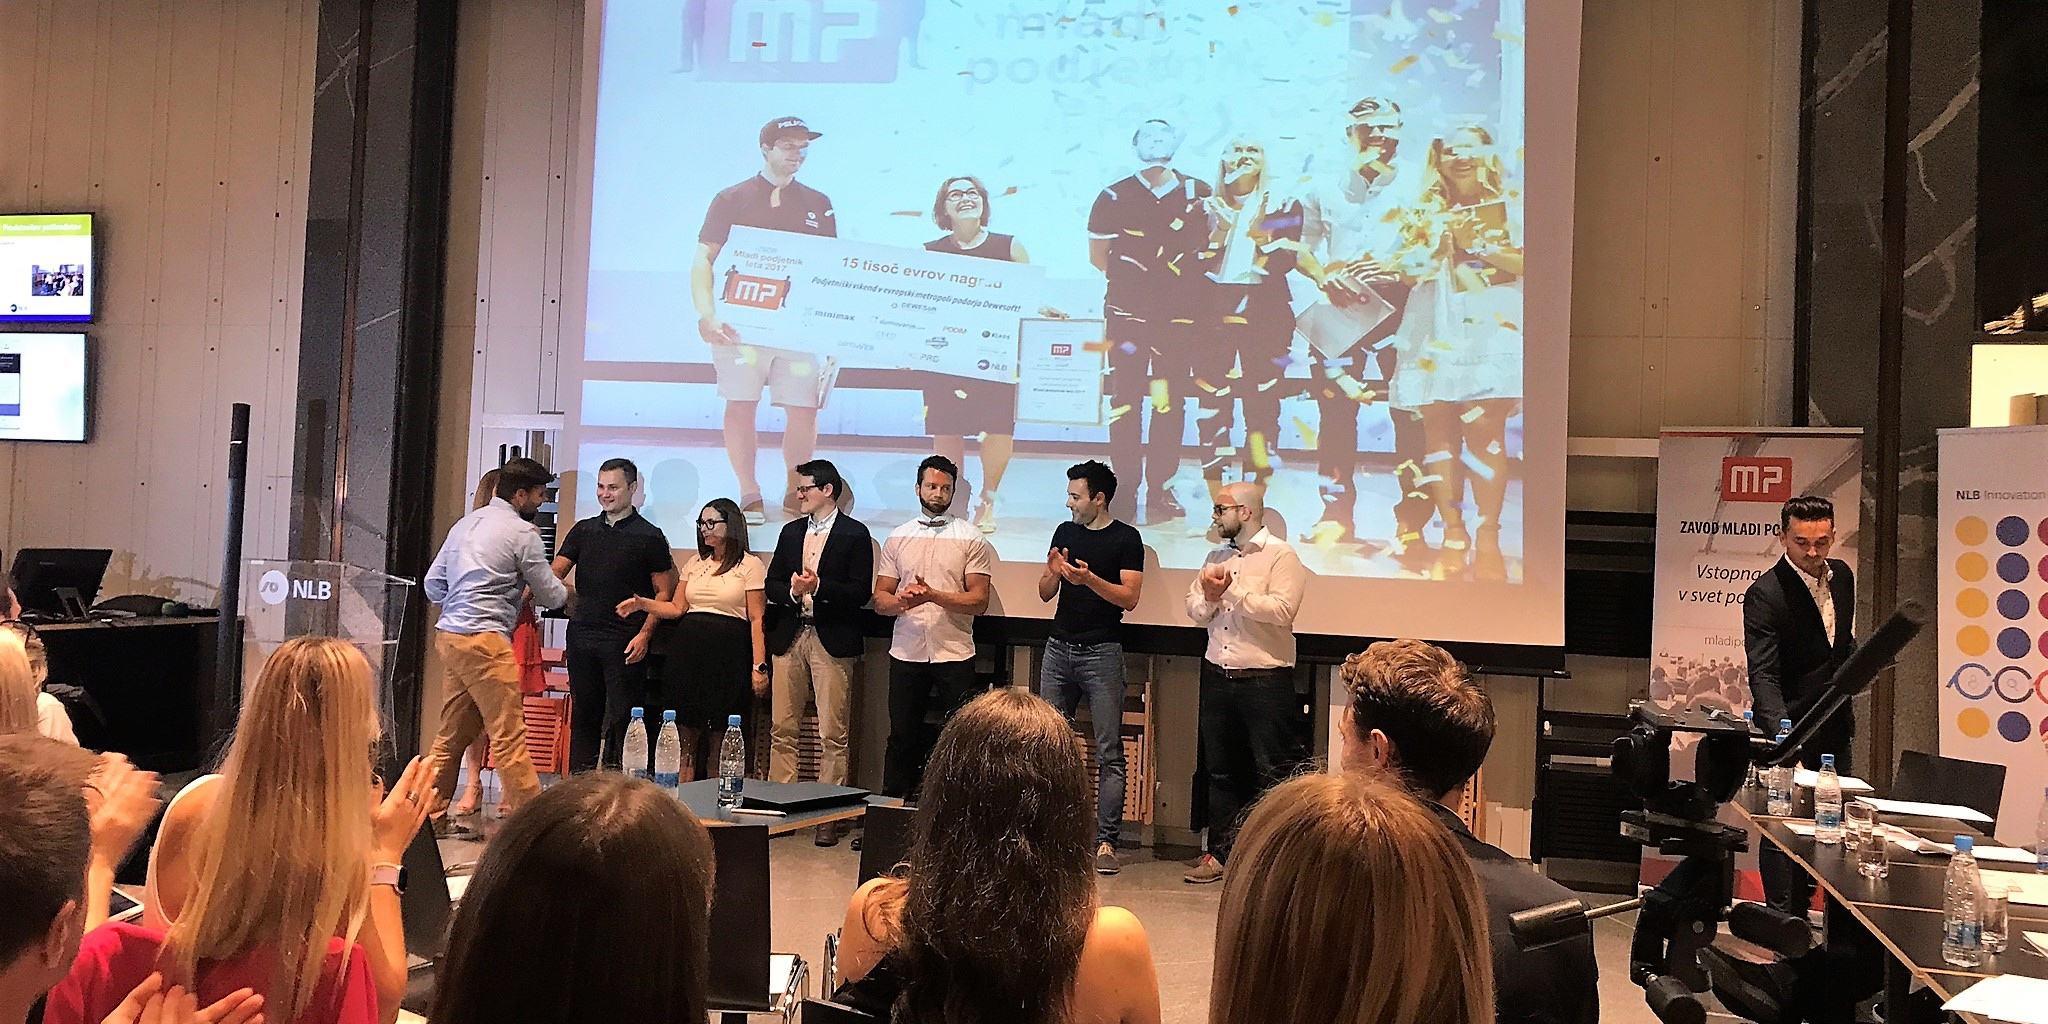 finalisti-mp-leta